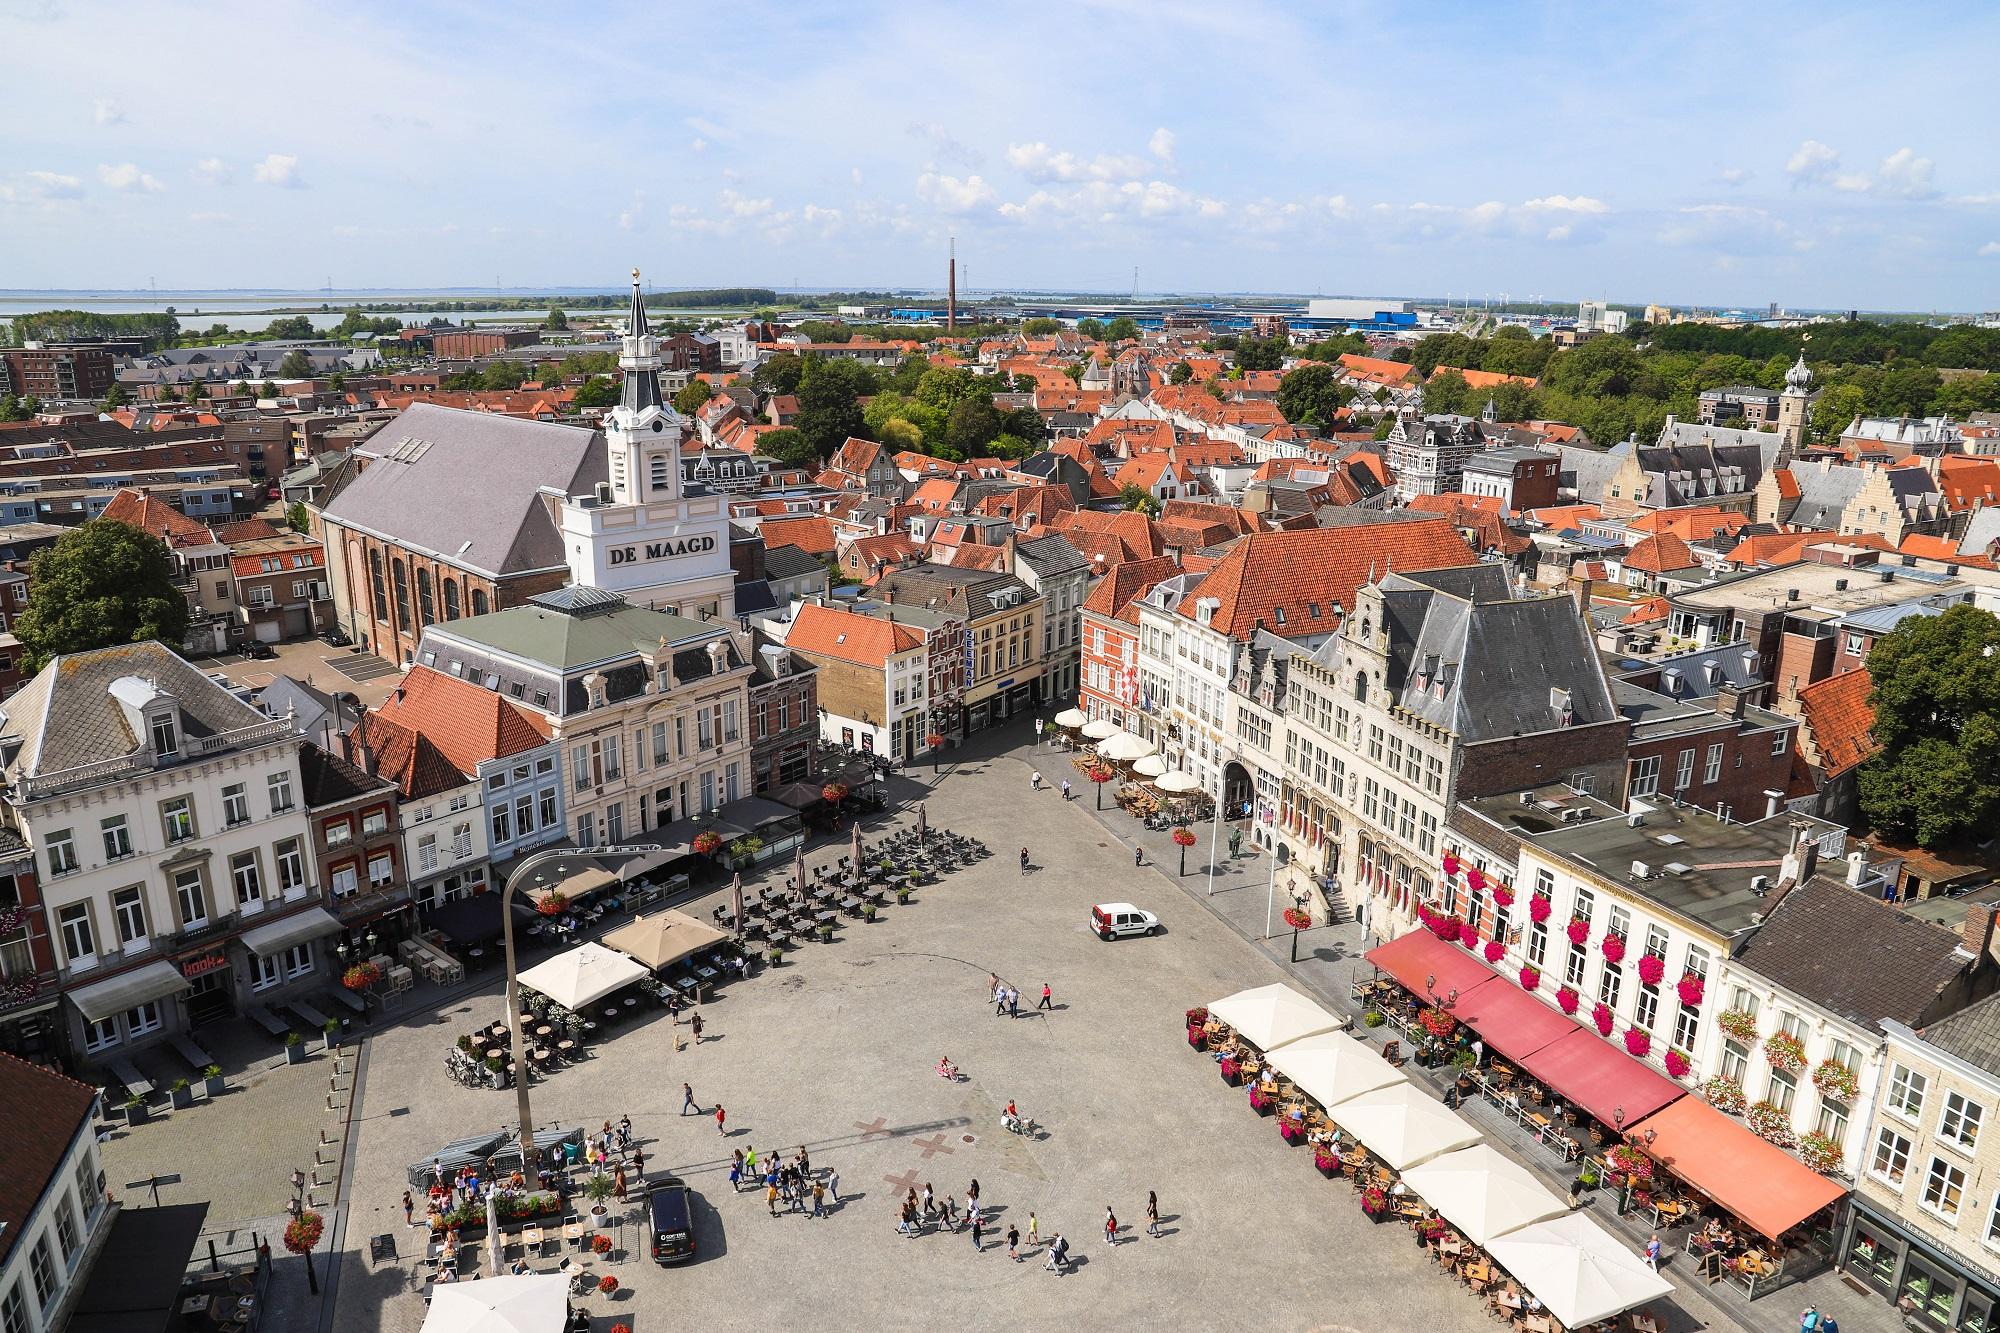 beste ondernemer bergen op zoom veiligheidsregio west-brabant centrum Peperbus grote markt overzicht maagd terras uitzicht monumenten spirtus markiezenhof